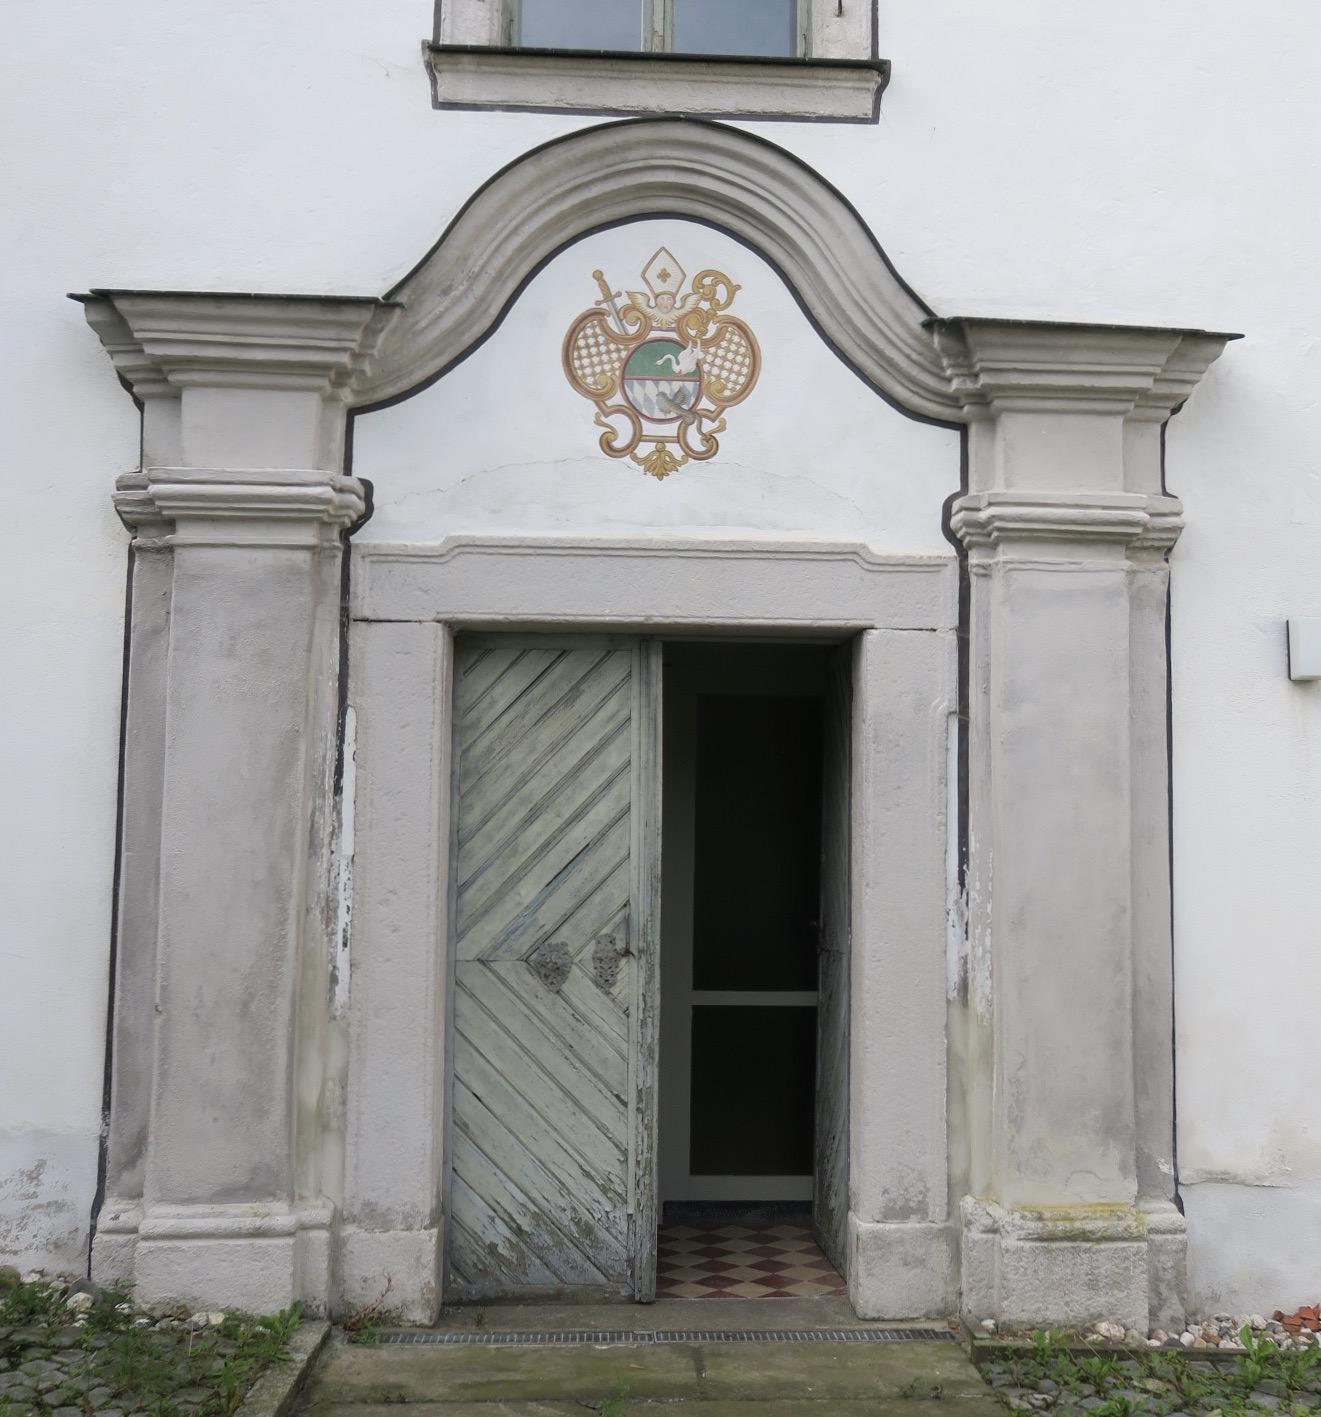 Der Pfarrhof in der ehemaligen Waldsassener Klosterpfarrei Wondreb